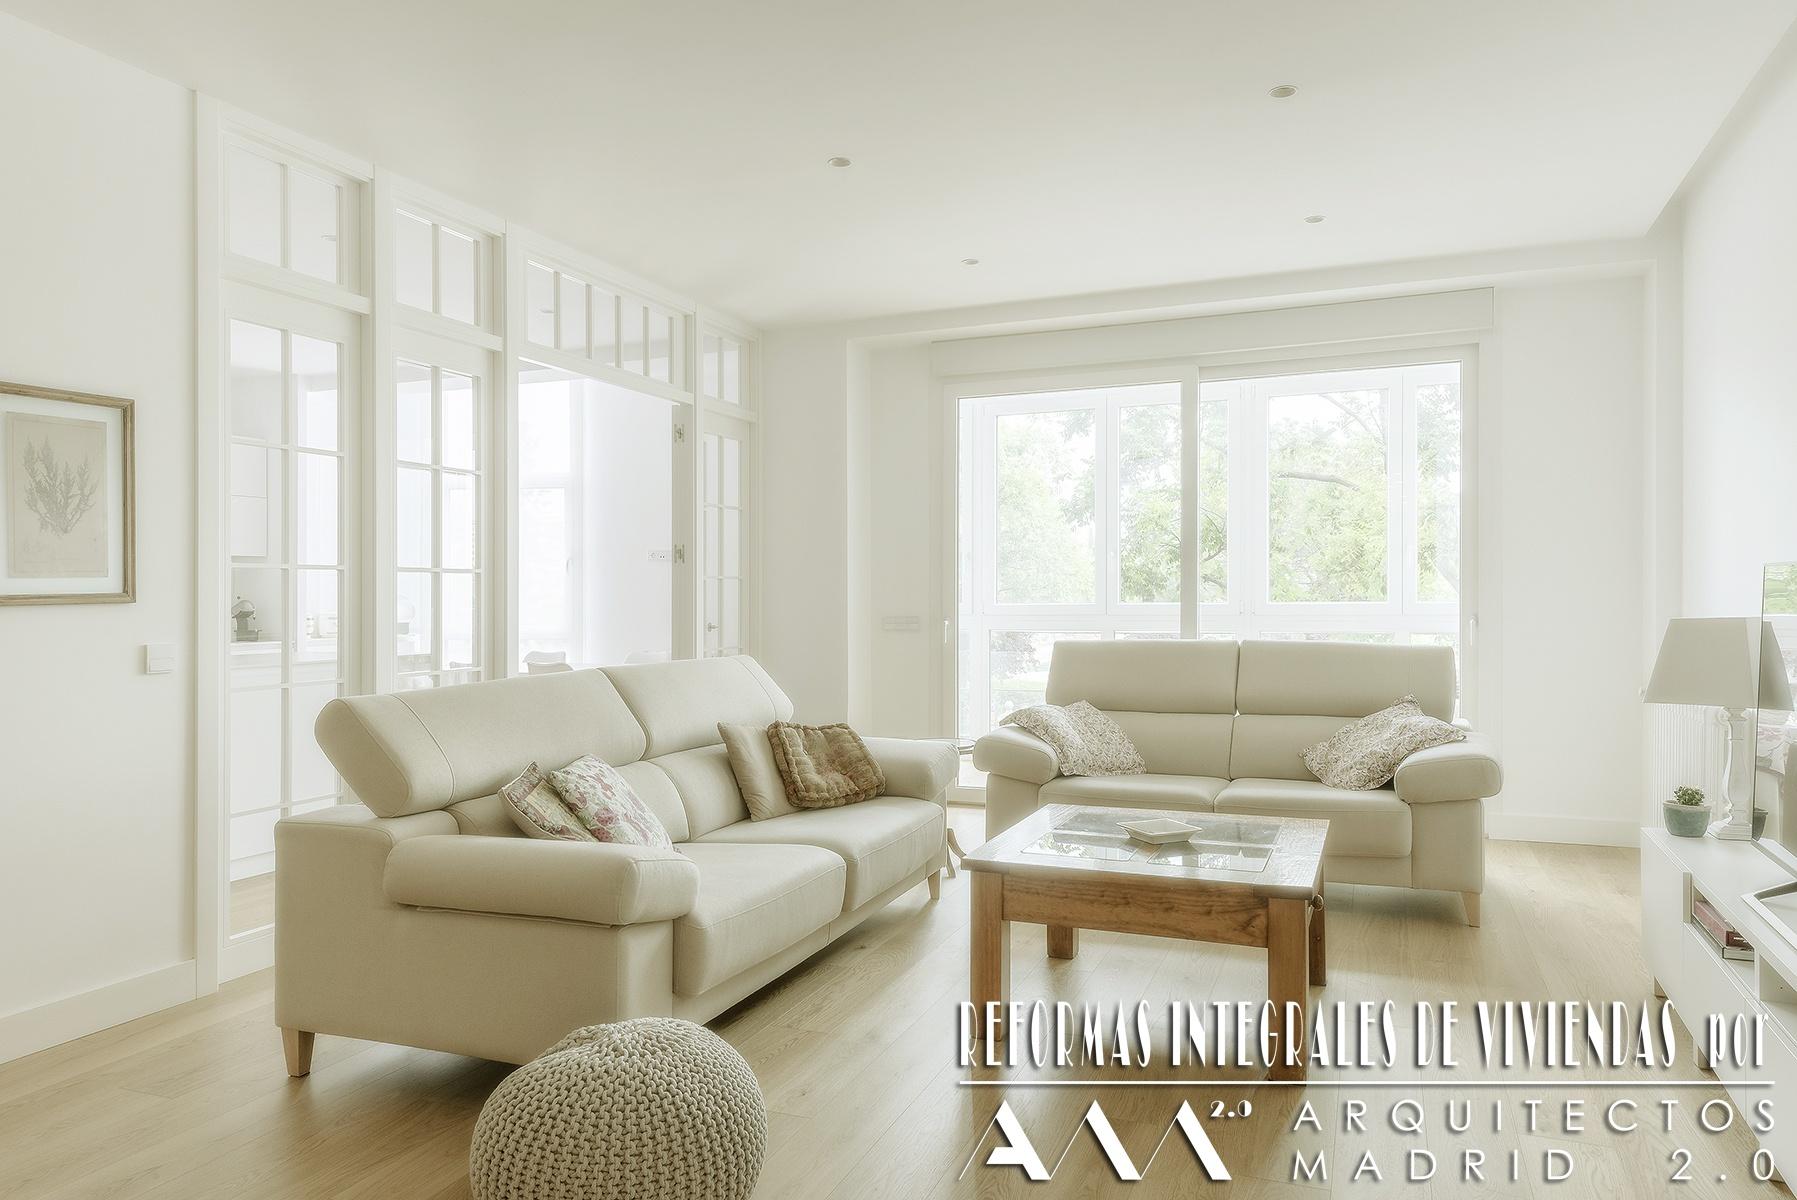 decoracion-interiores-reforma-estilo-contemporaneo-arquitectos